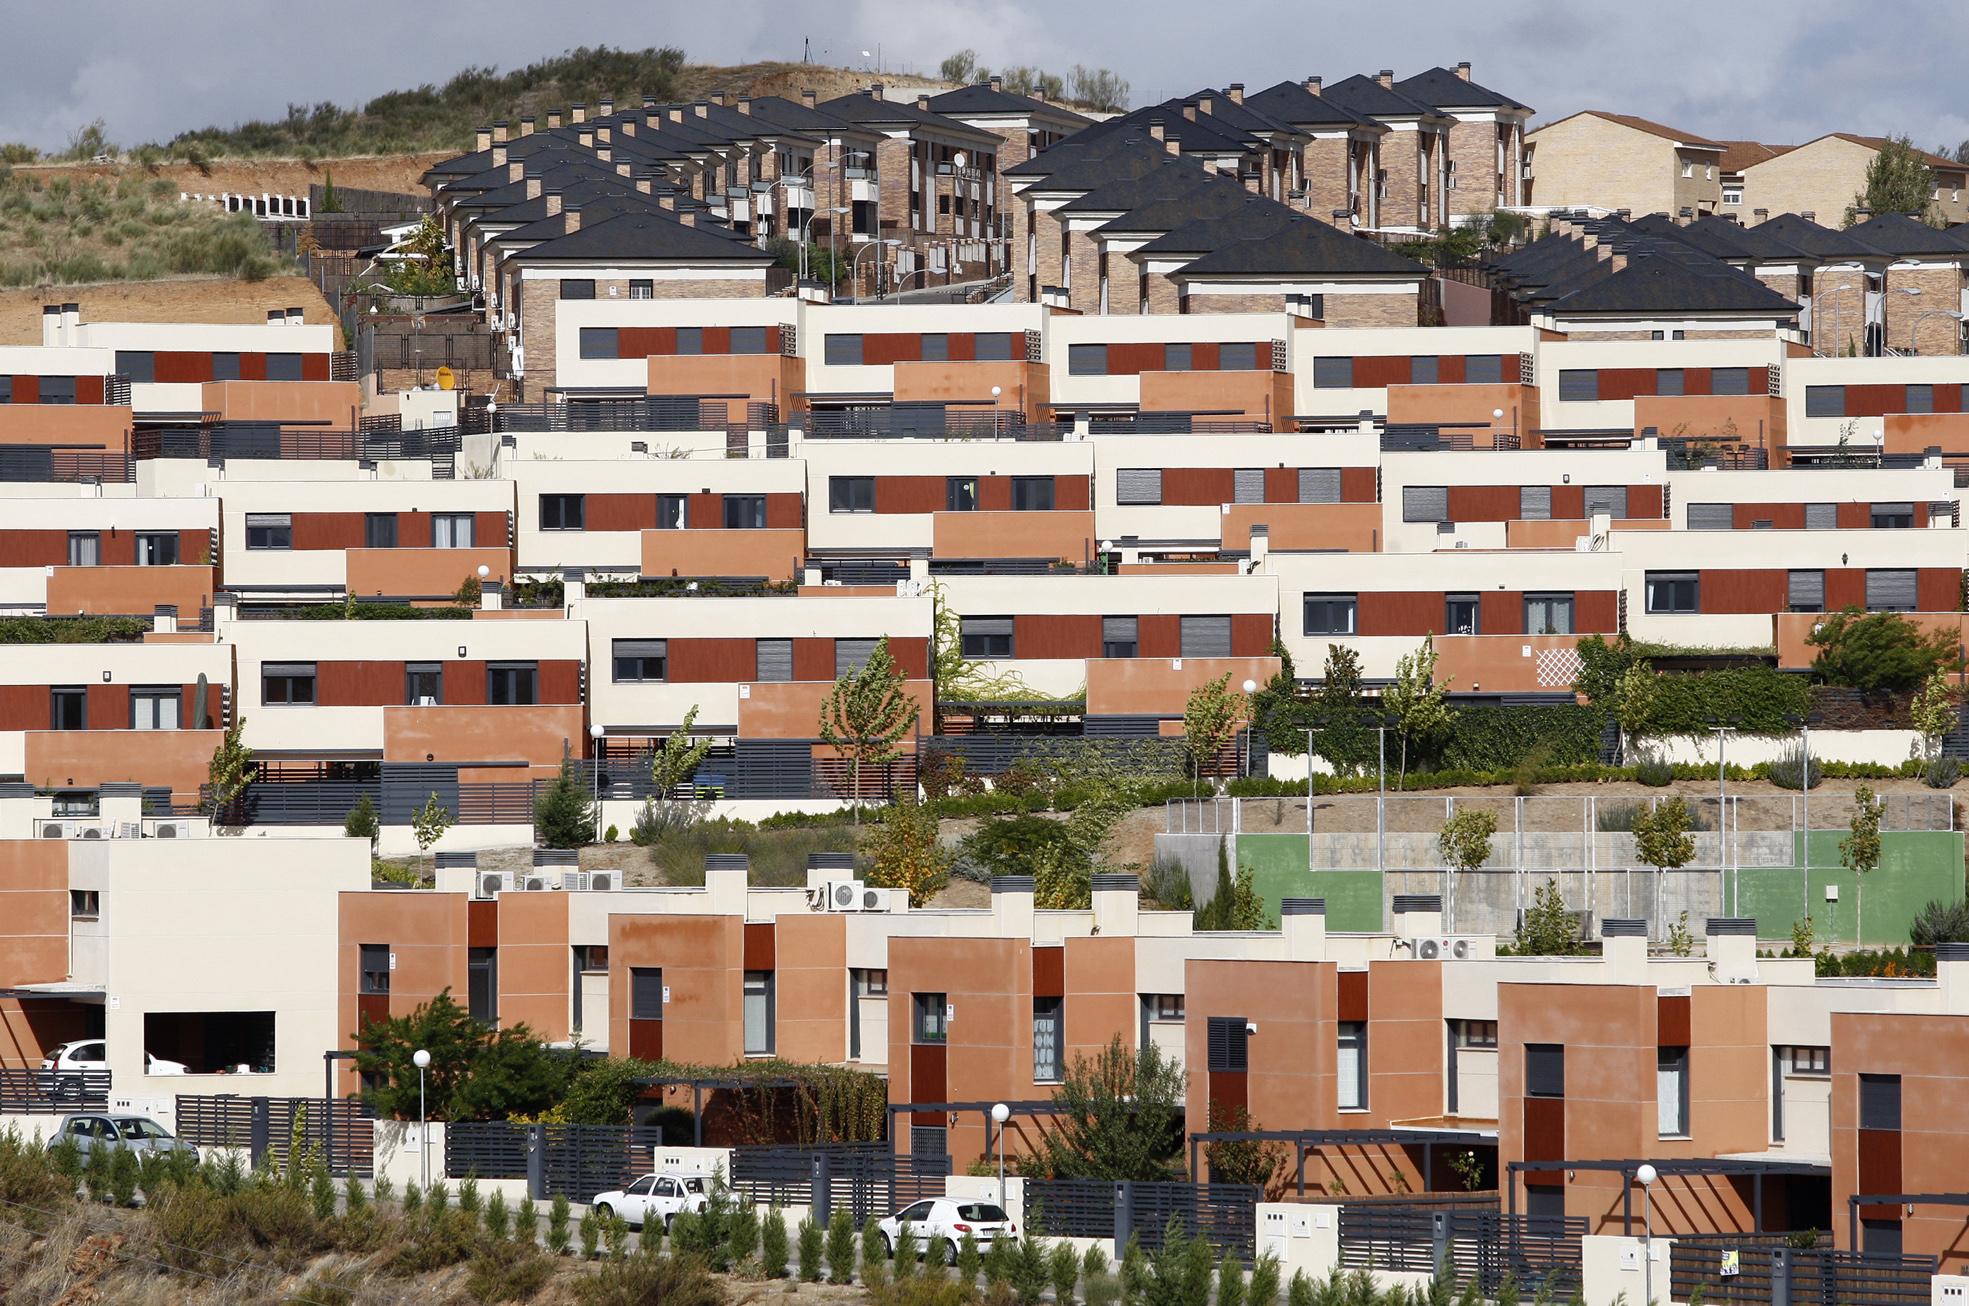 Toledo y ciudad real las provincias m s baratas de espa a for Viviendas baratas en madrid